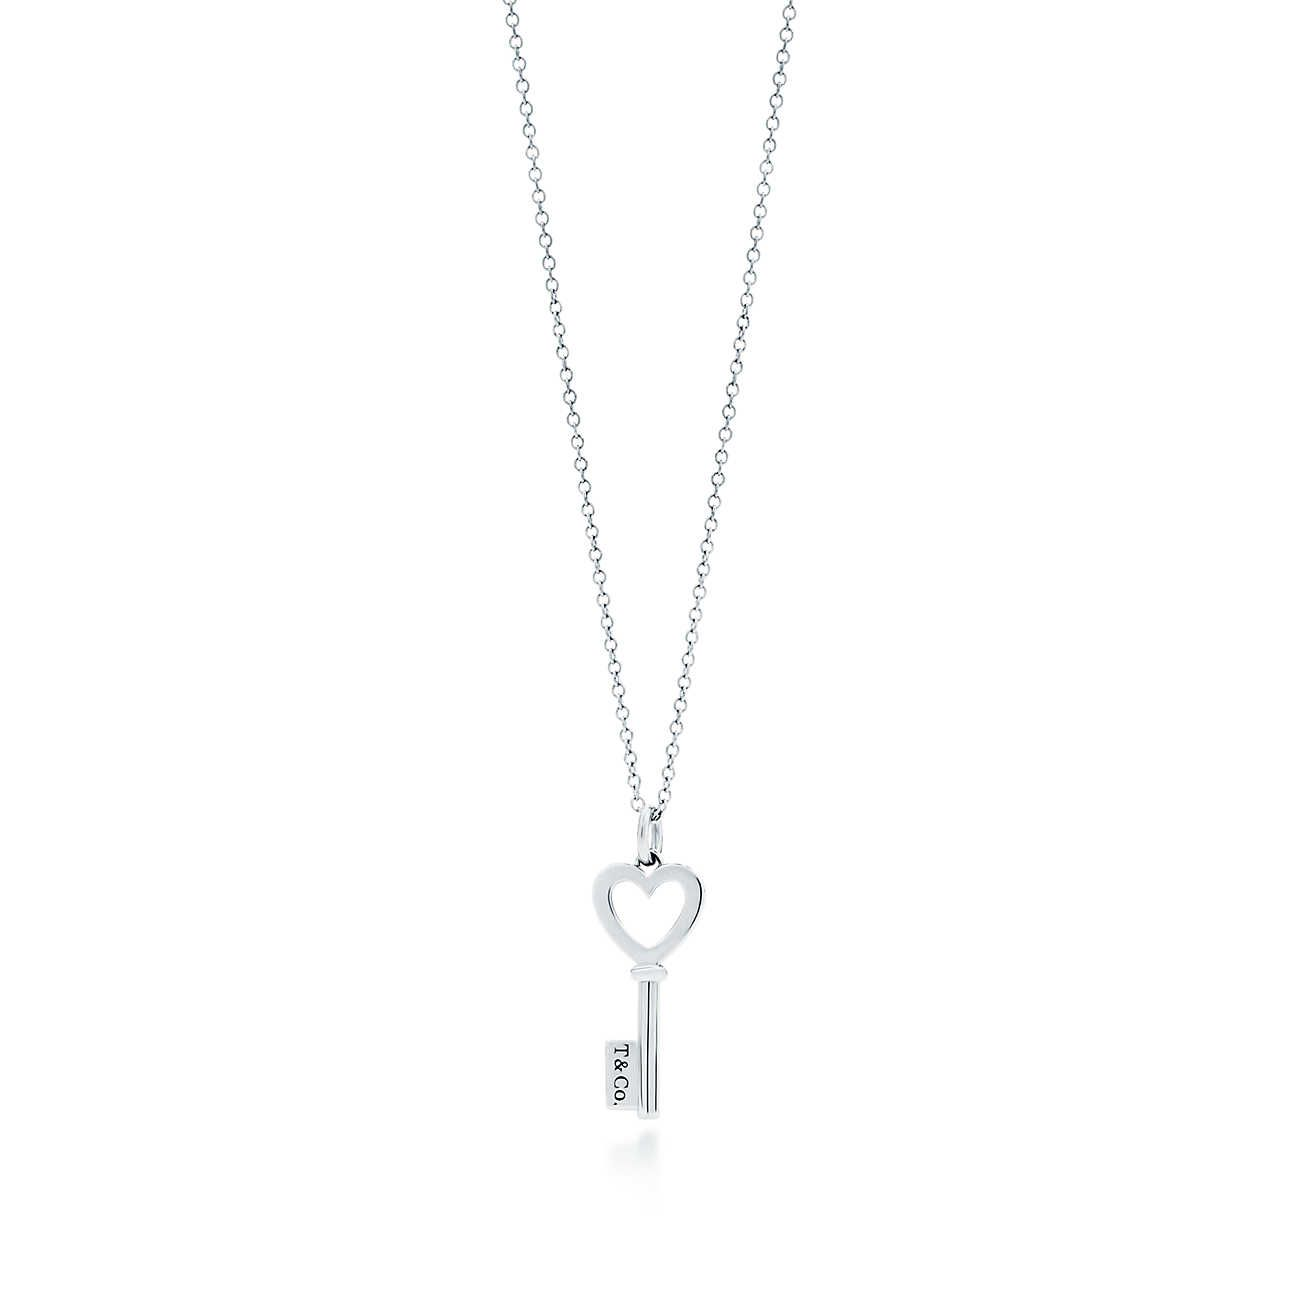 Tiffany Keys Heart Key Pendant In Sterling Silver Mini Heart